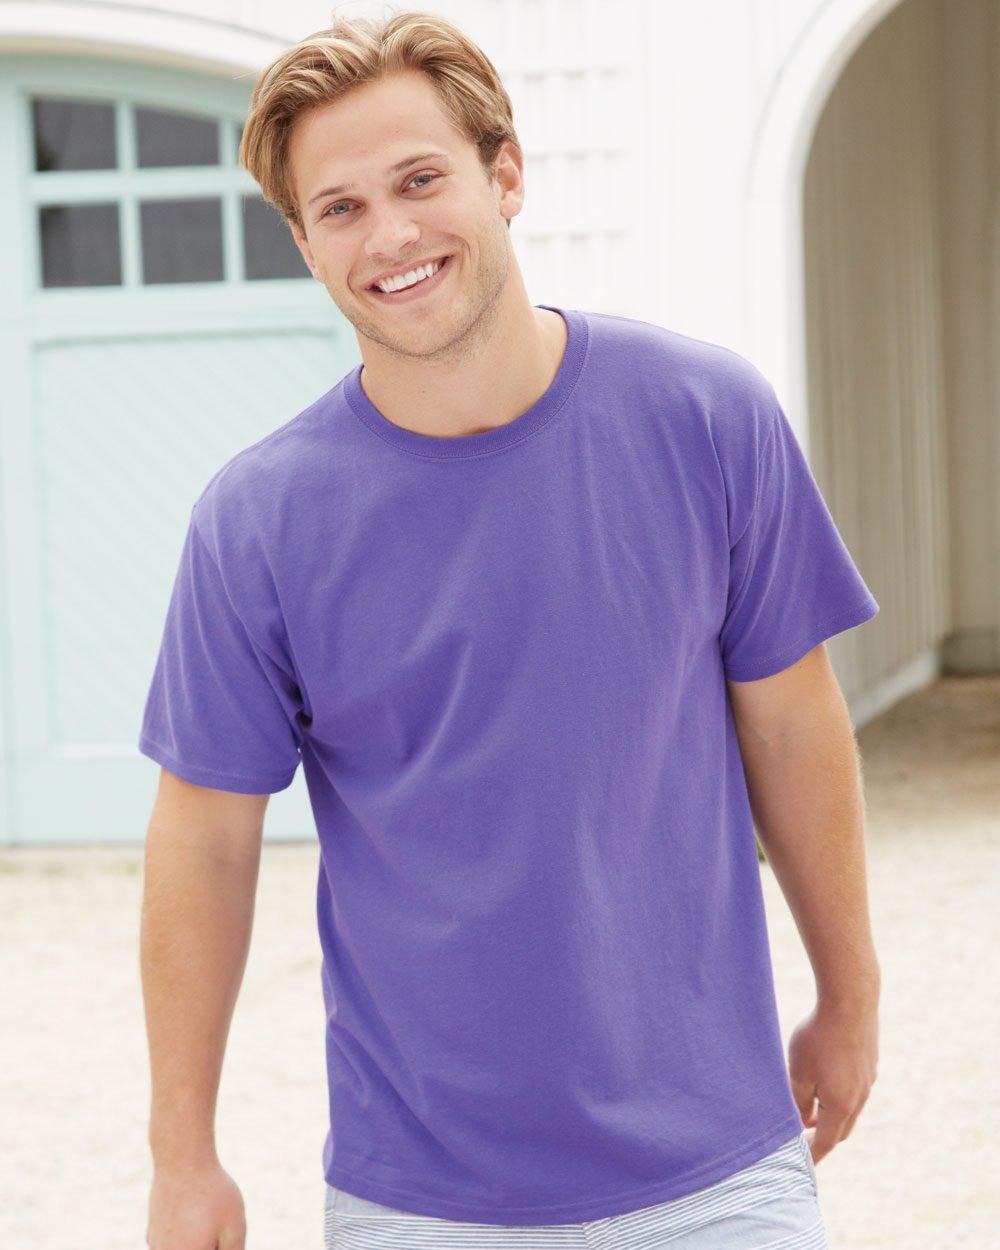 e923a10f67d9 Hanes ComfortSoft Heavyweight T-Shirt 5280 - Evan Webster INK